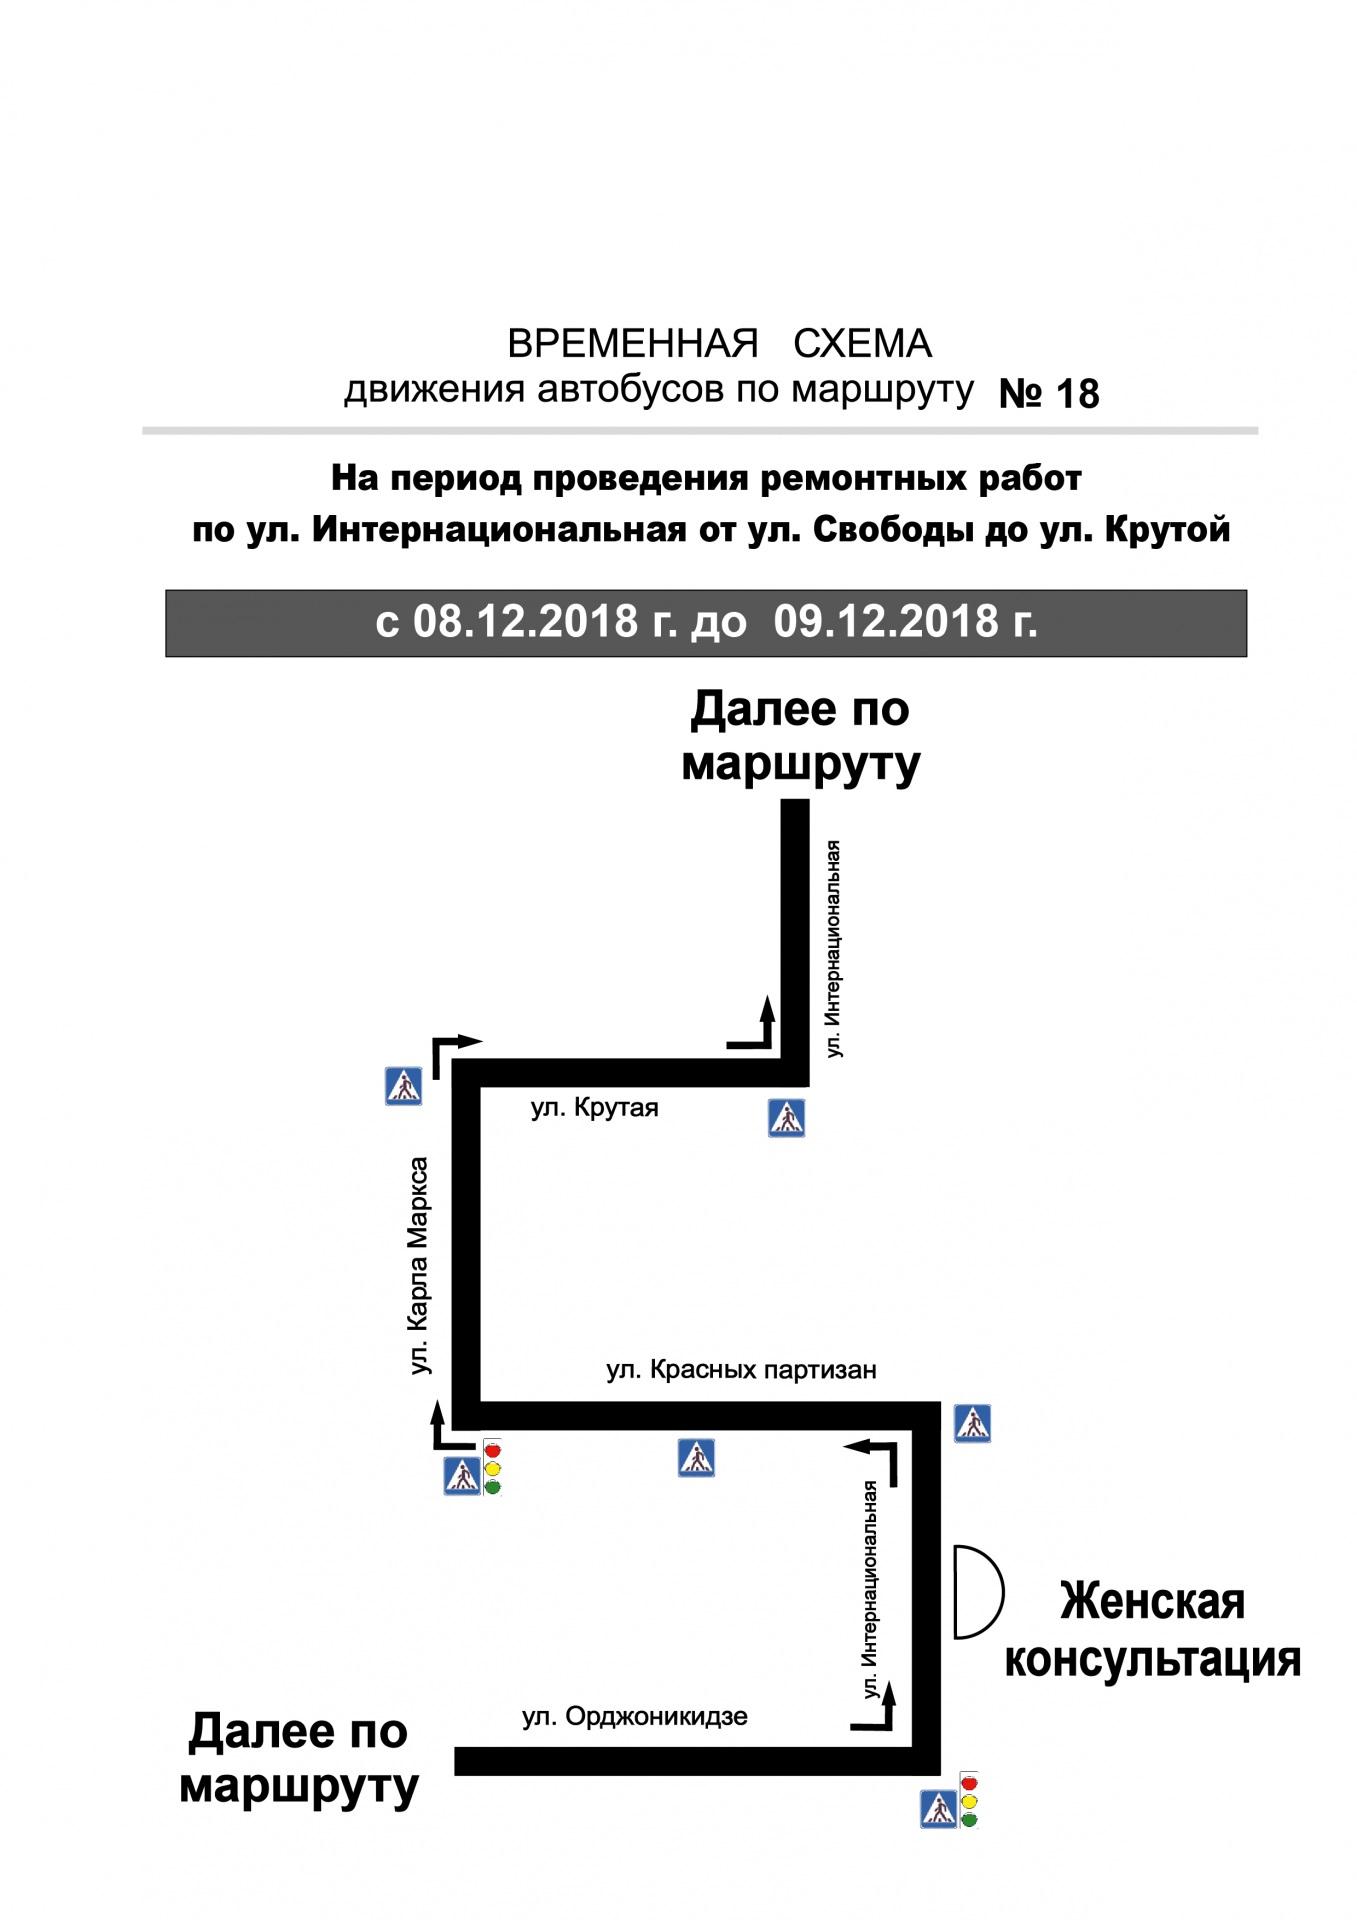 Remont_-Internazionalnaya_3-01.jpg